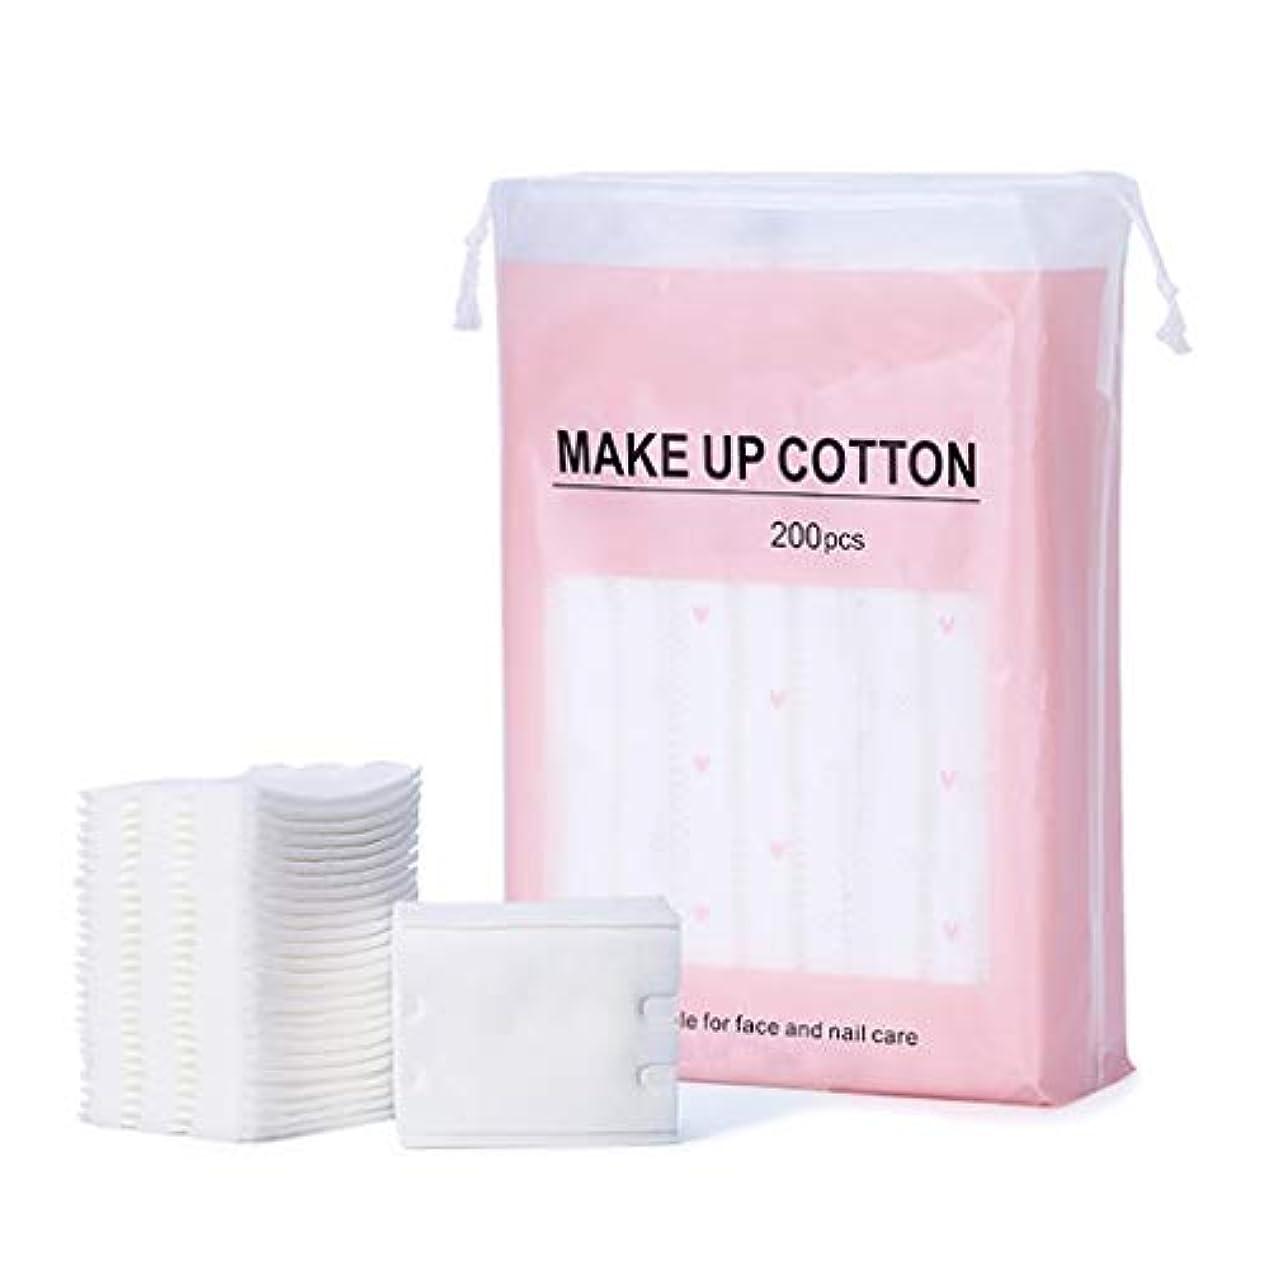 カブ逆に残るクレンジングシート 200ピース三層化粧品コットンパッド拭きナチュラル毎日用品フェイシャルコットンメイク落としツール (Color : White)